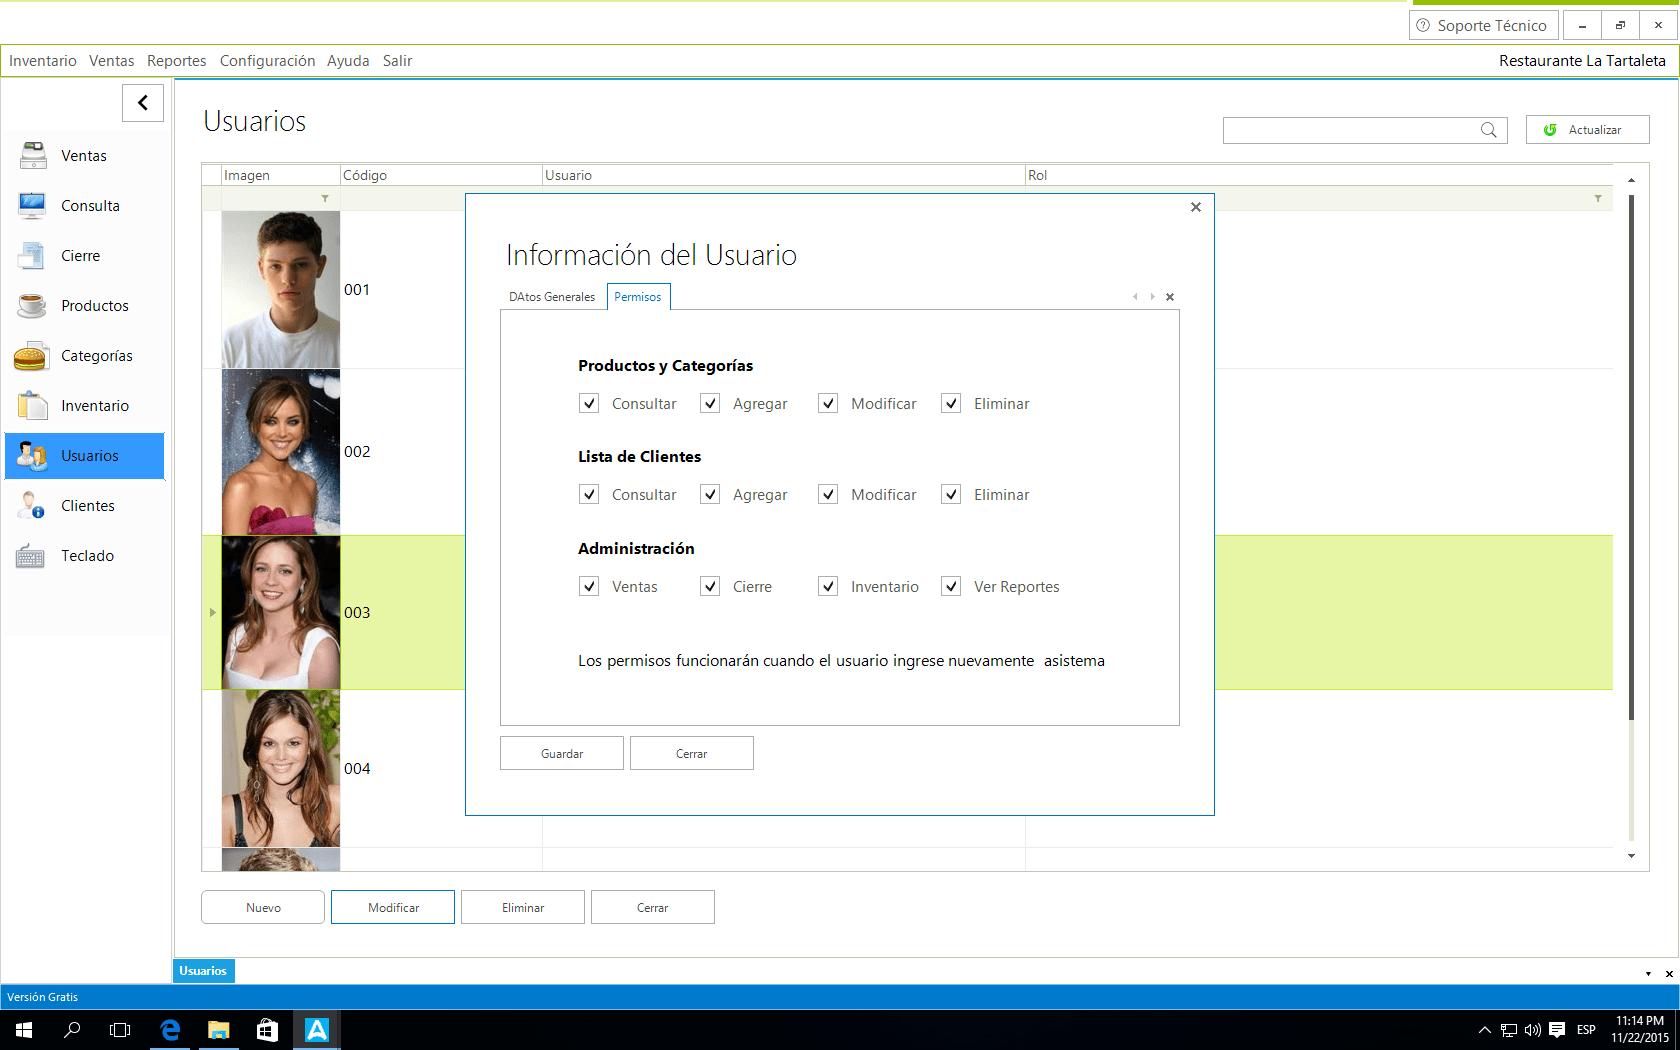 Amadeus Software para Restaurante